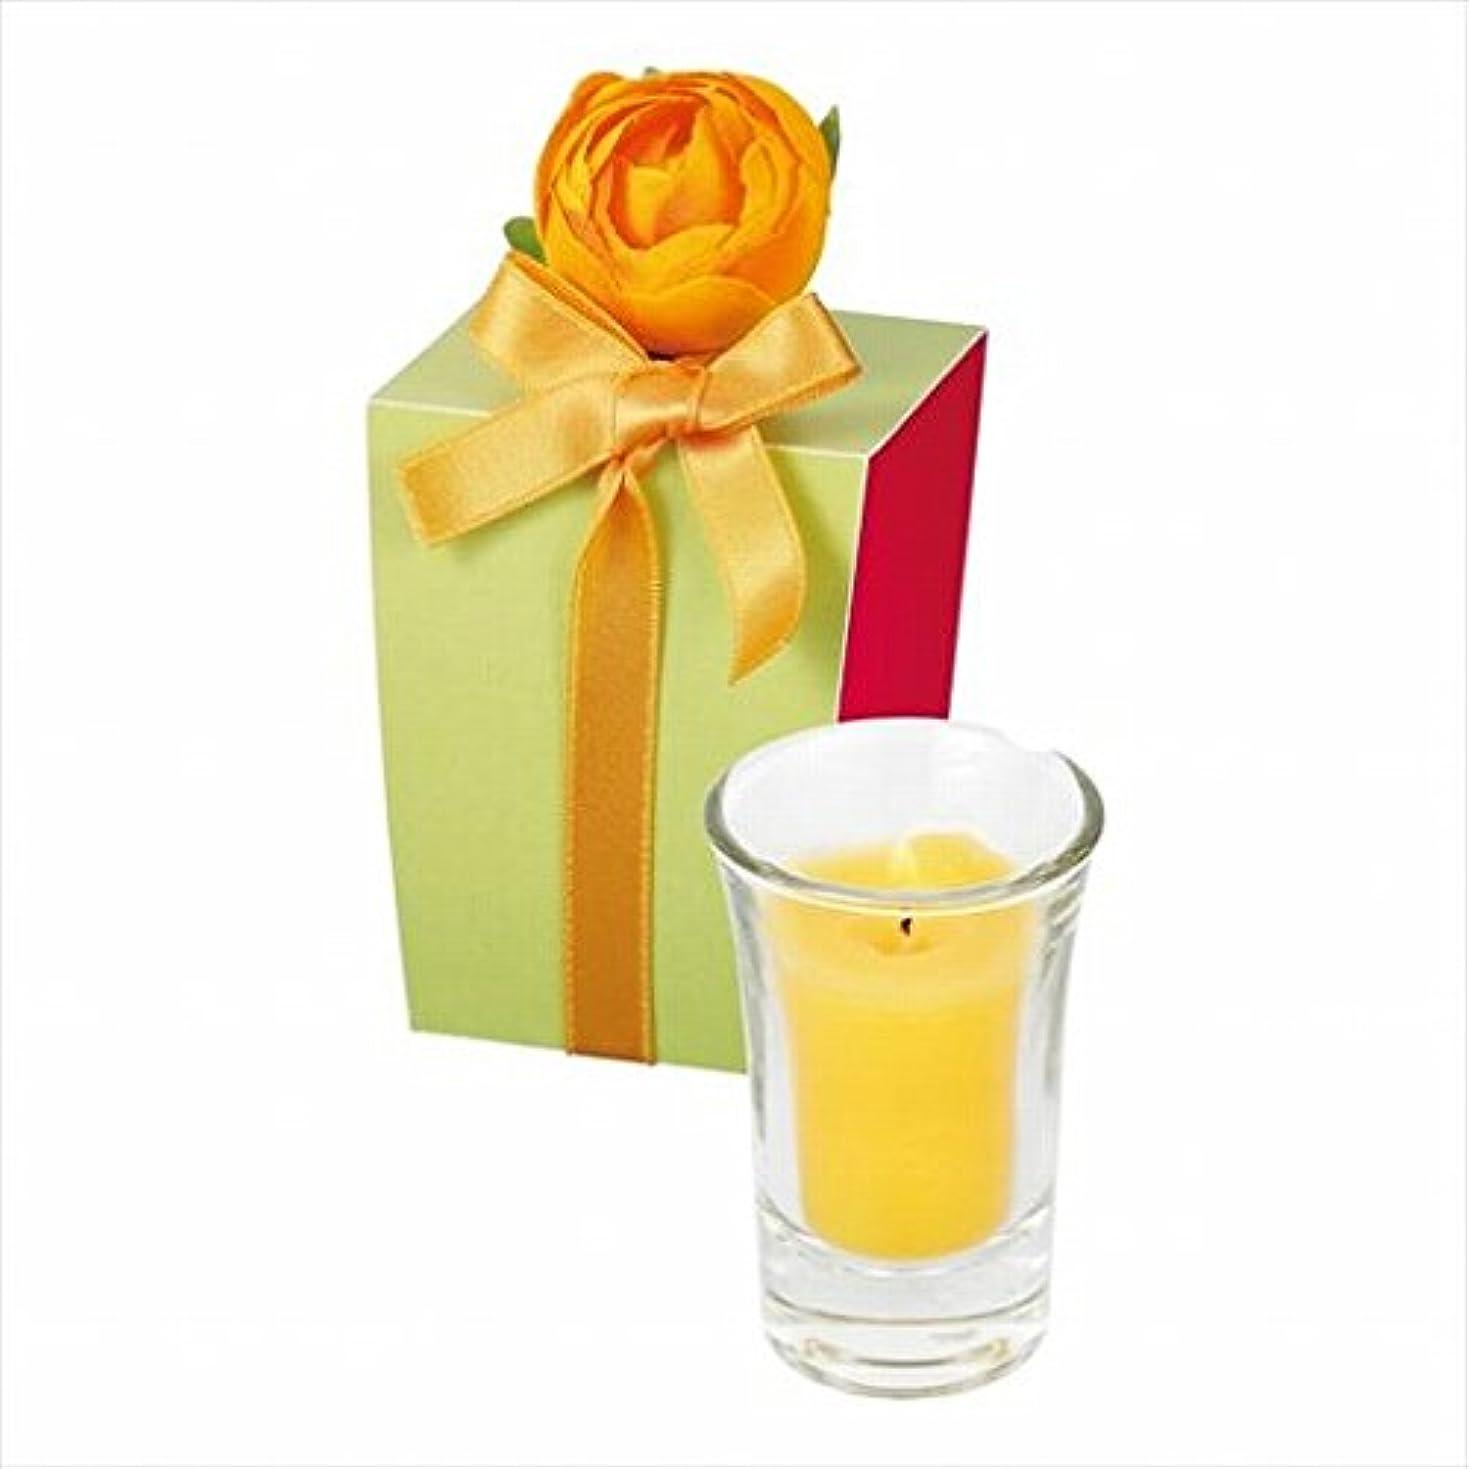 プレゼンターキモい小麦カメヤマキャンドル(kameyama candle) ラナンキュラスグラスキャンドル 「 イエロー 」